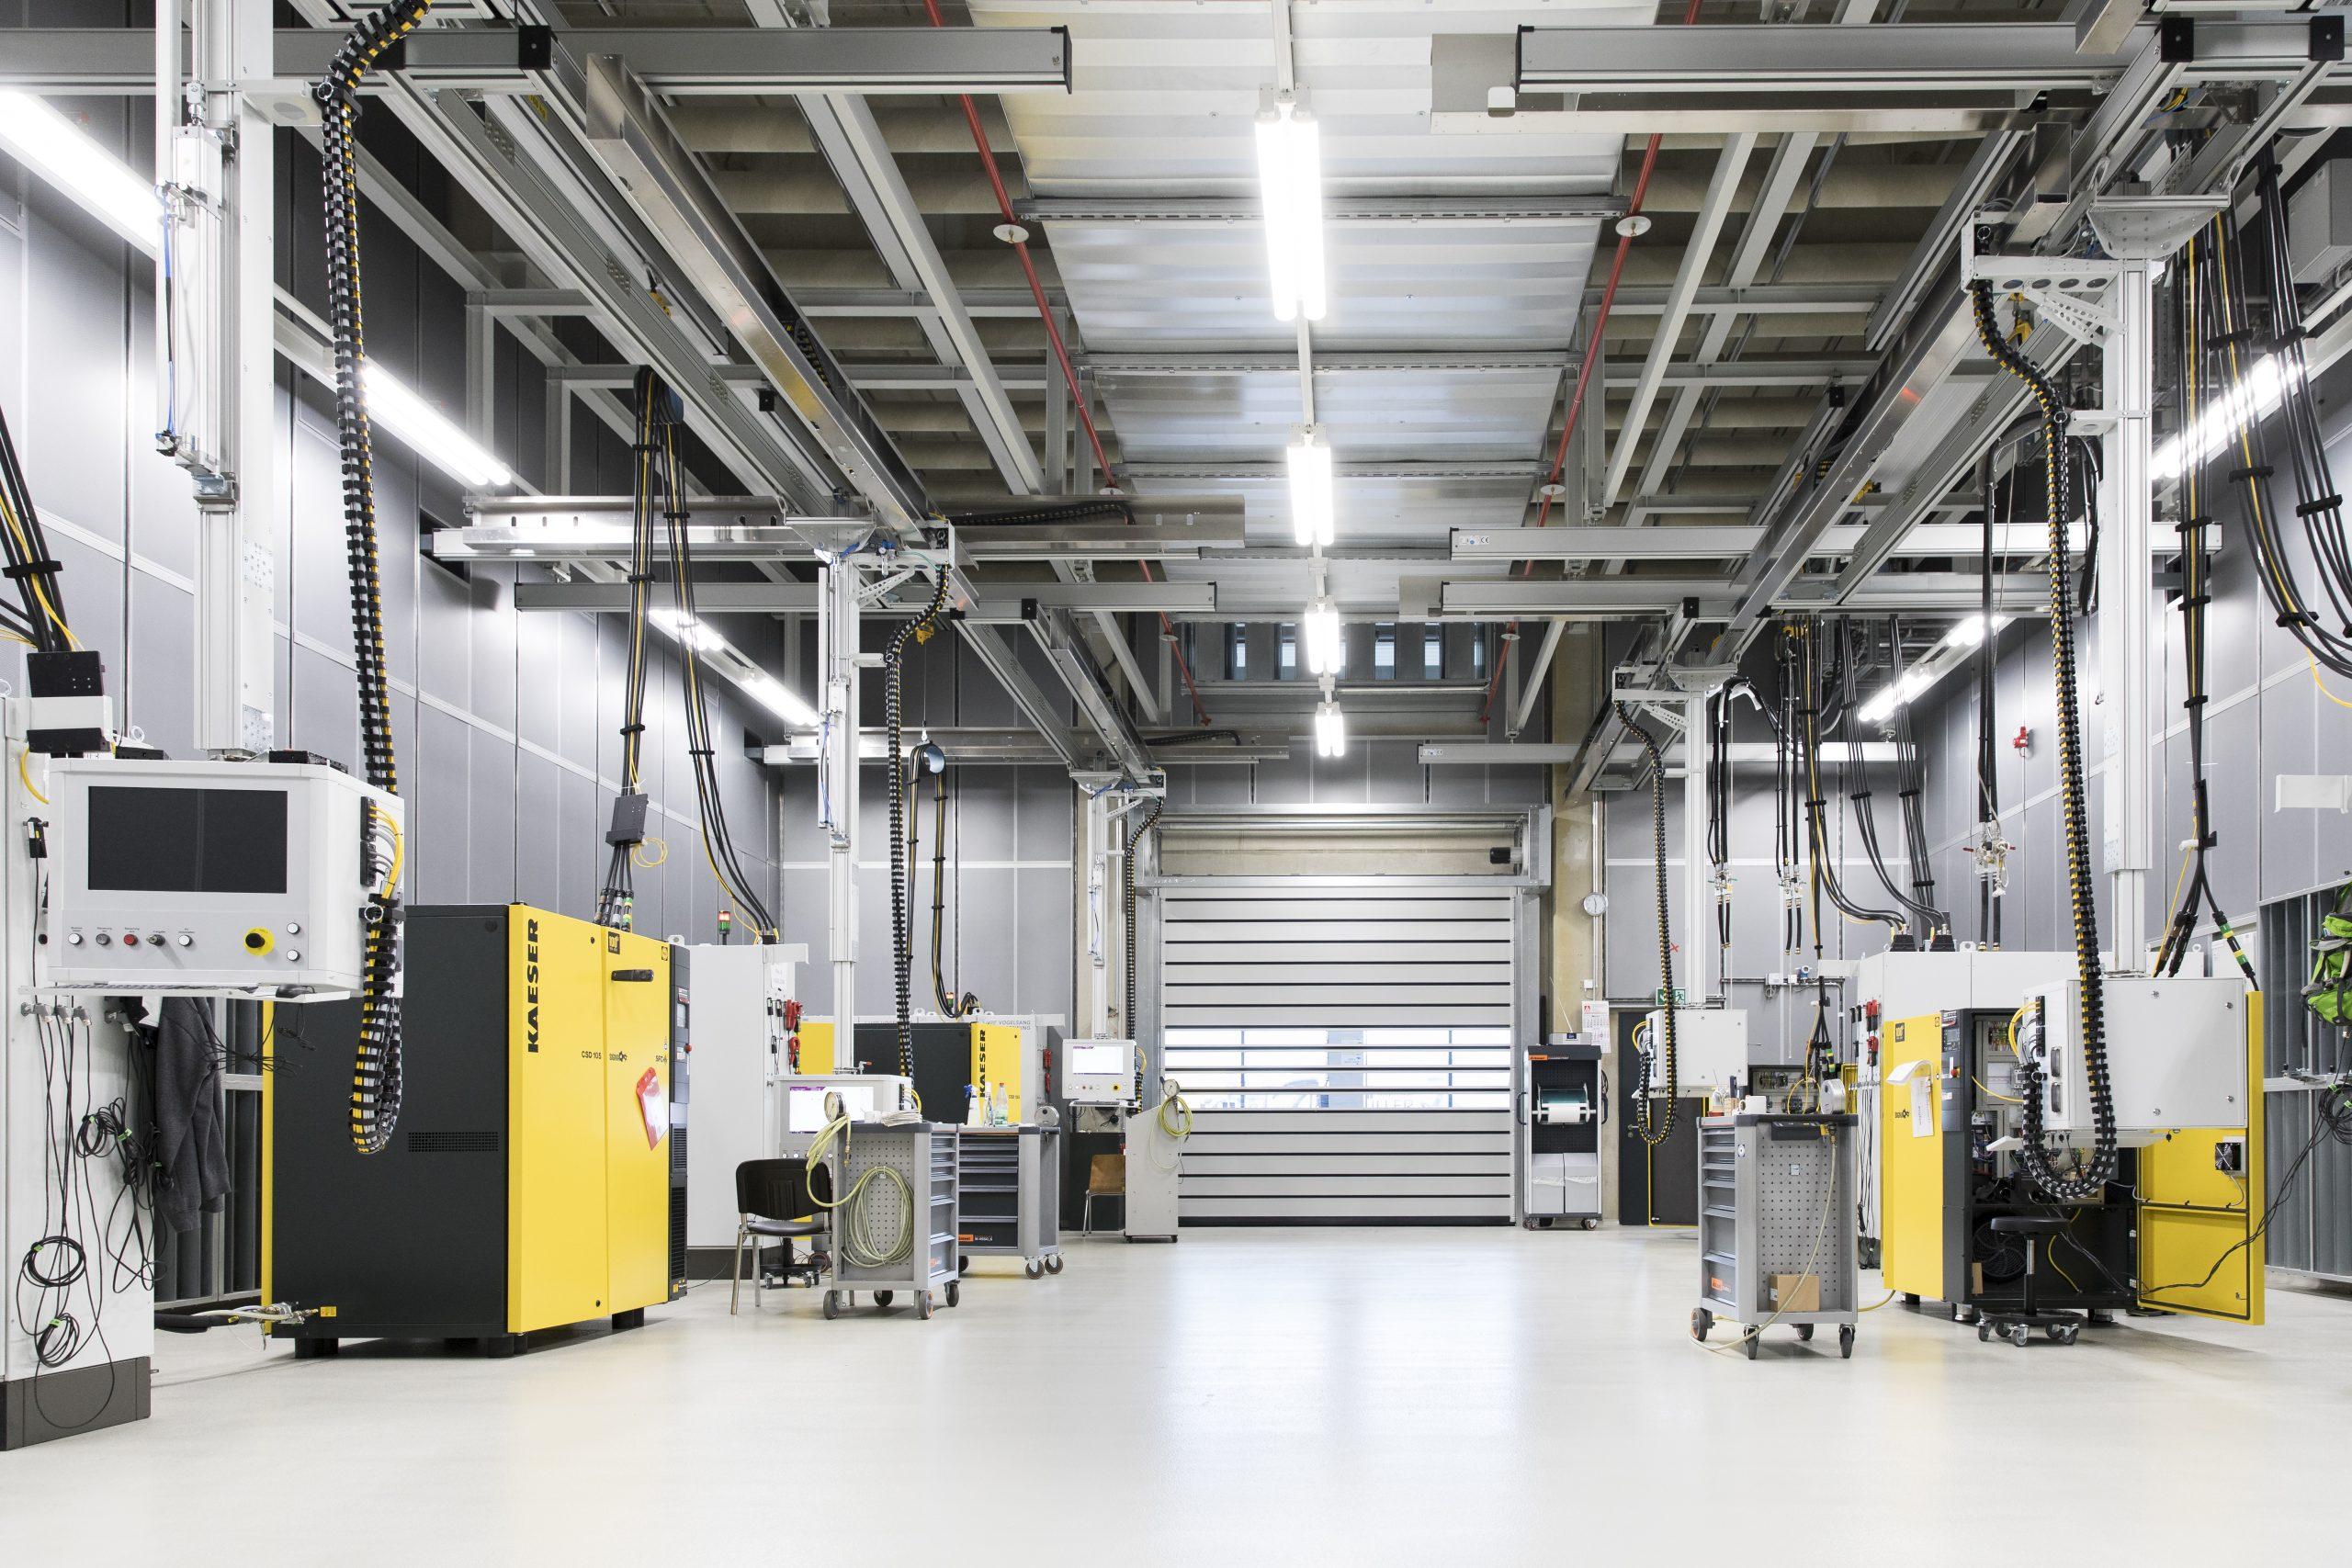 Jeder Kompressor wird vor Auslieferung gründlich geprüft. Da die Produktions-IT die Zarallelisierung vieler Prüfvorgänge unterstützt, bleiben die Durchlaufzeiten trotzdem im Rahmen. (Bild: Trebing & Himstedt Prozeßautomation GmbH & Co. KG)